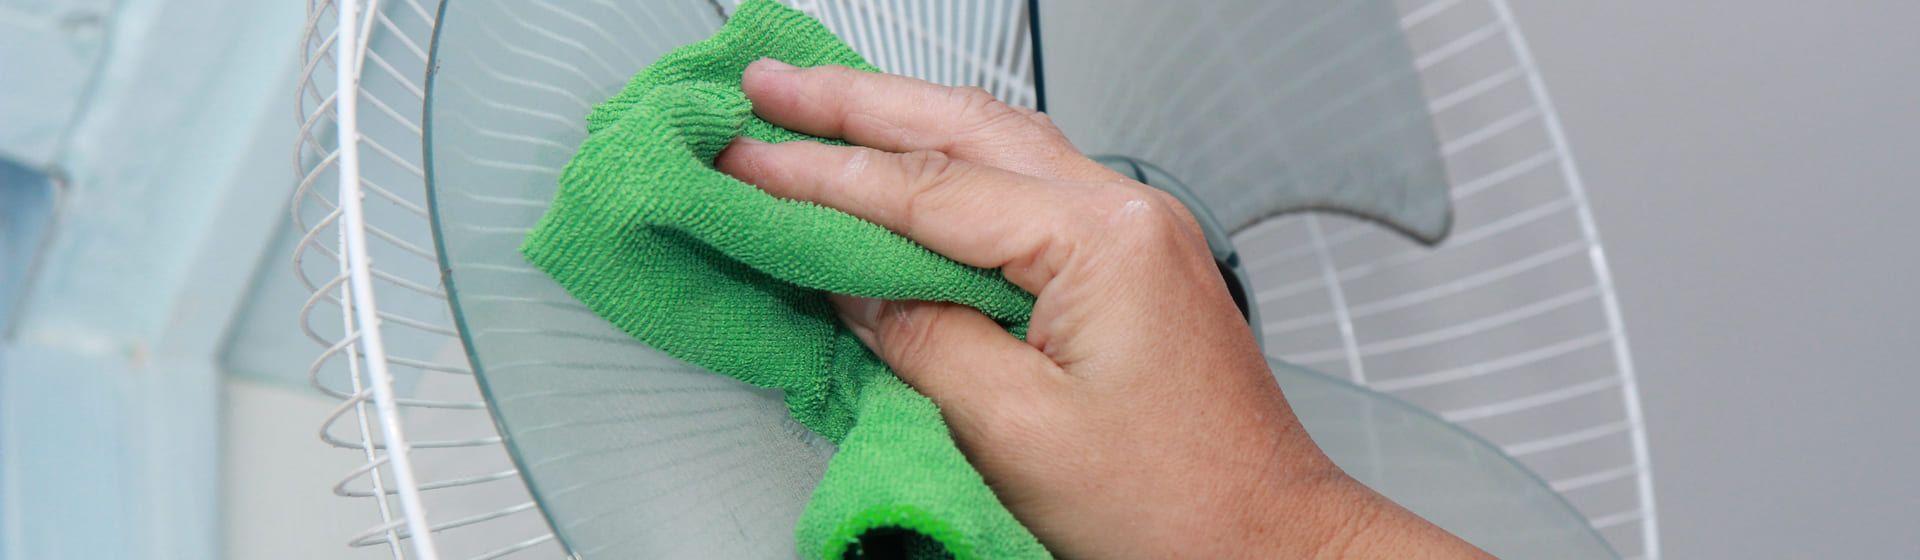 Como limpar ventilador: confira o passo a passo